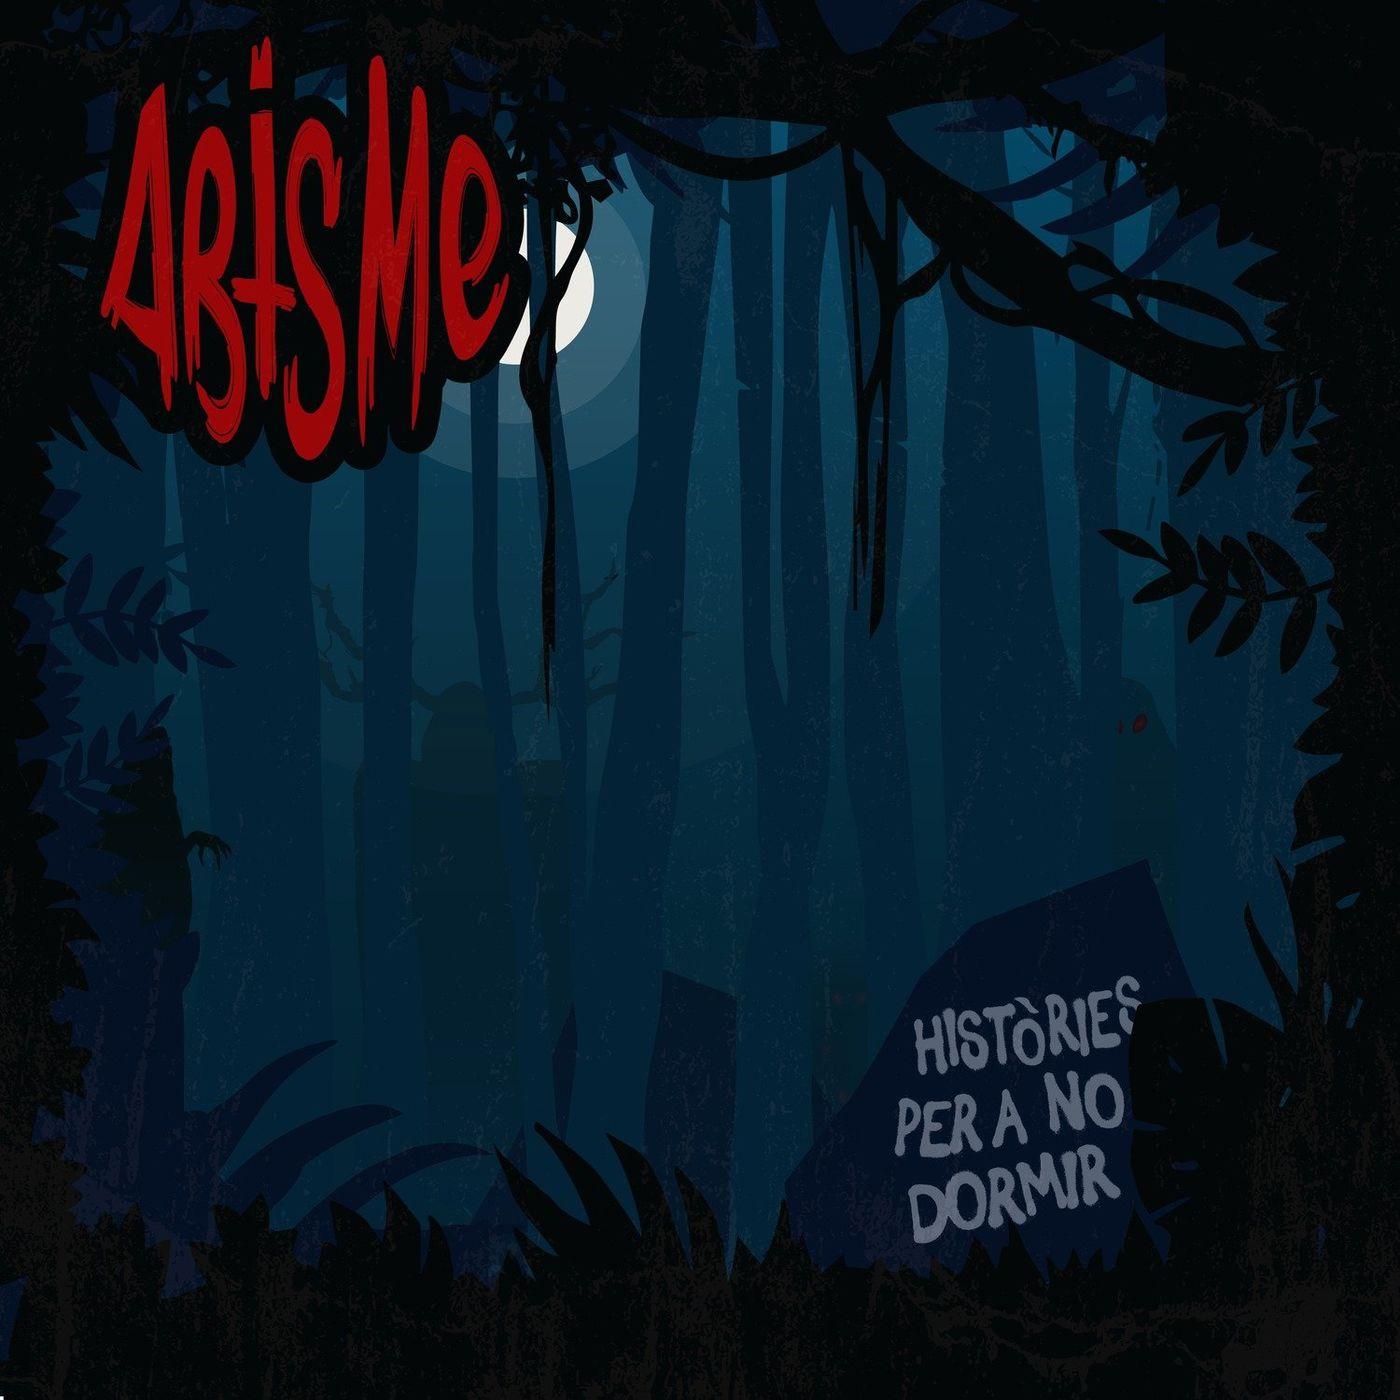 Abisme - Hist?ries per a no dormir [EP] (2020)